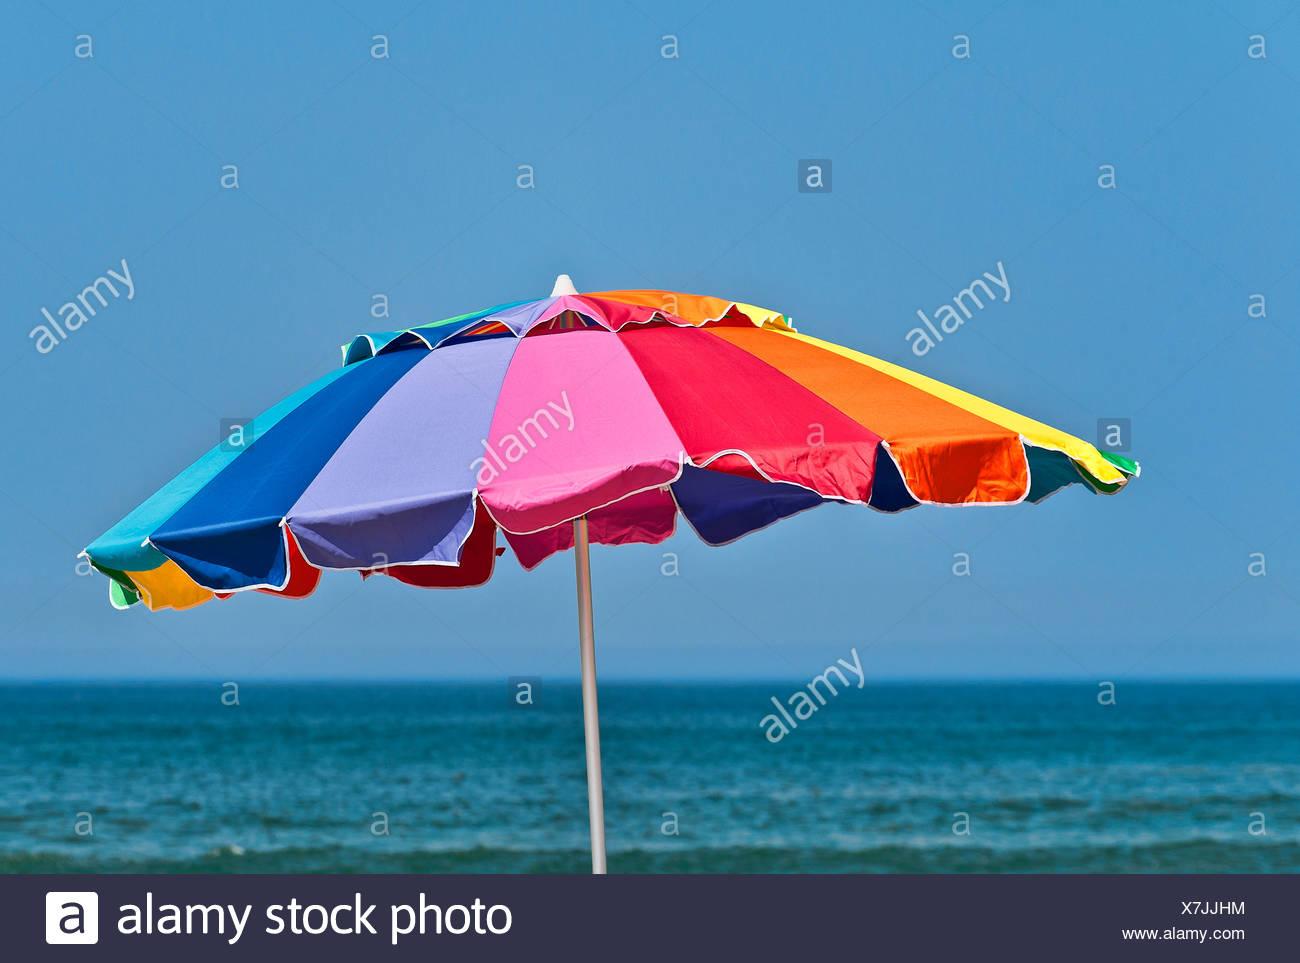 Coloratissimo ombrellone. Immagini Stock